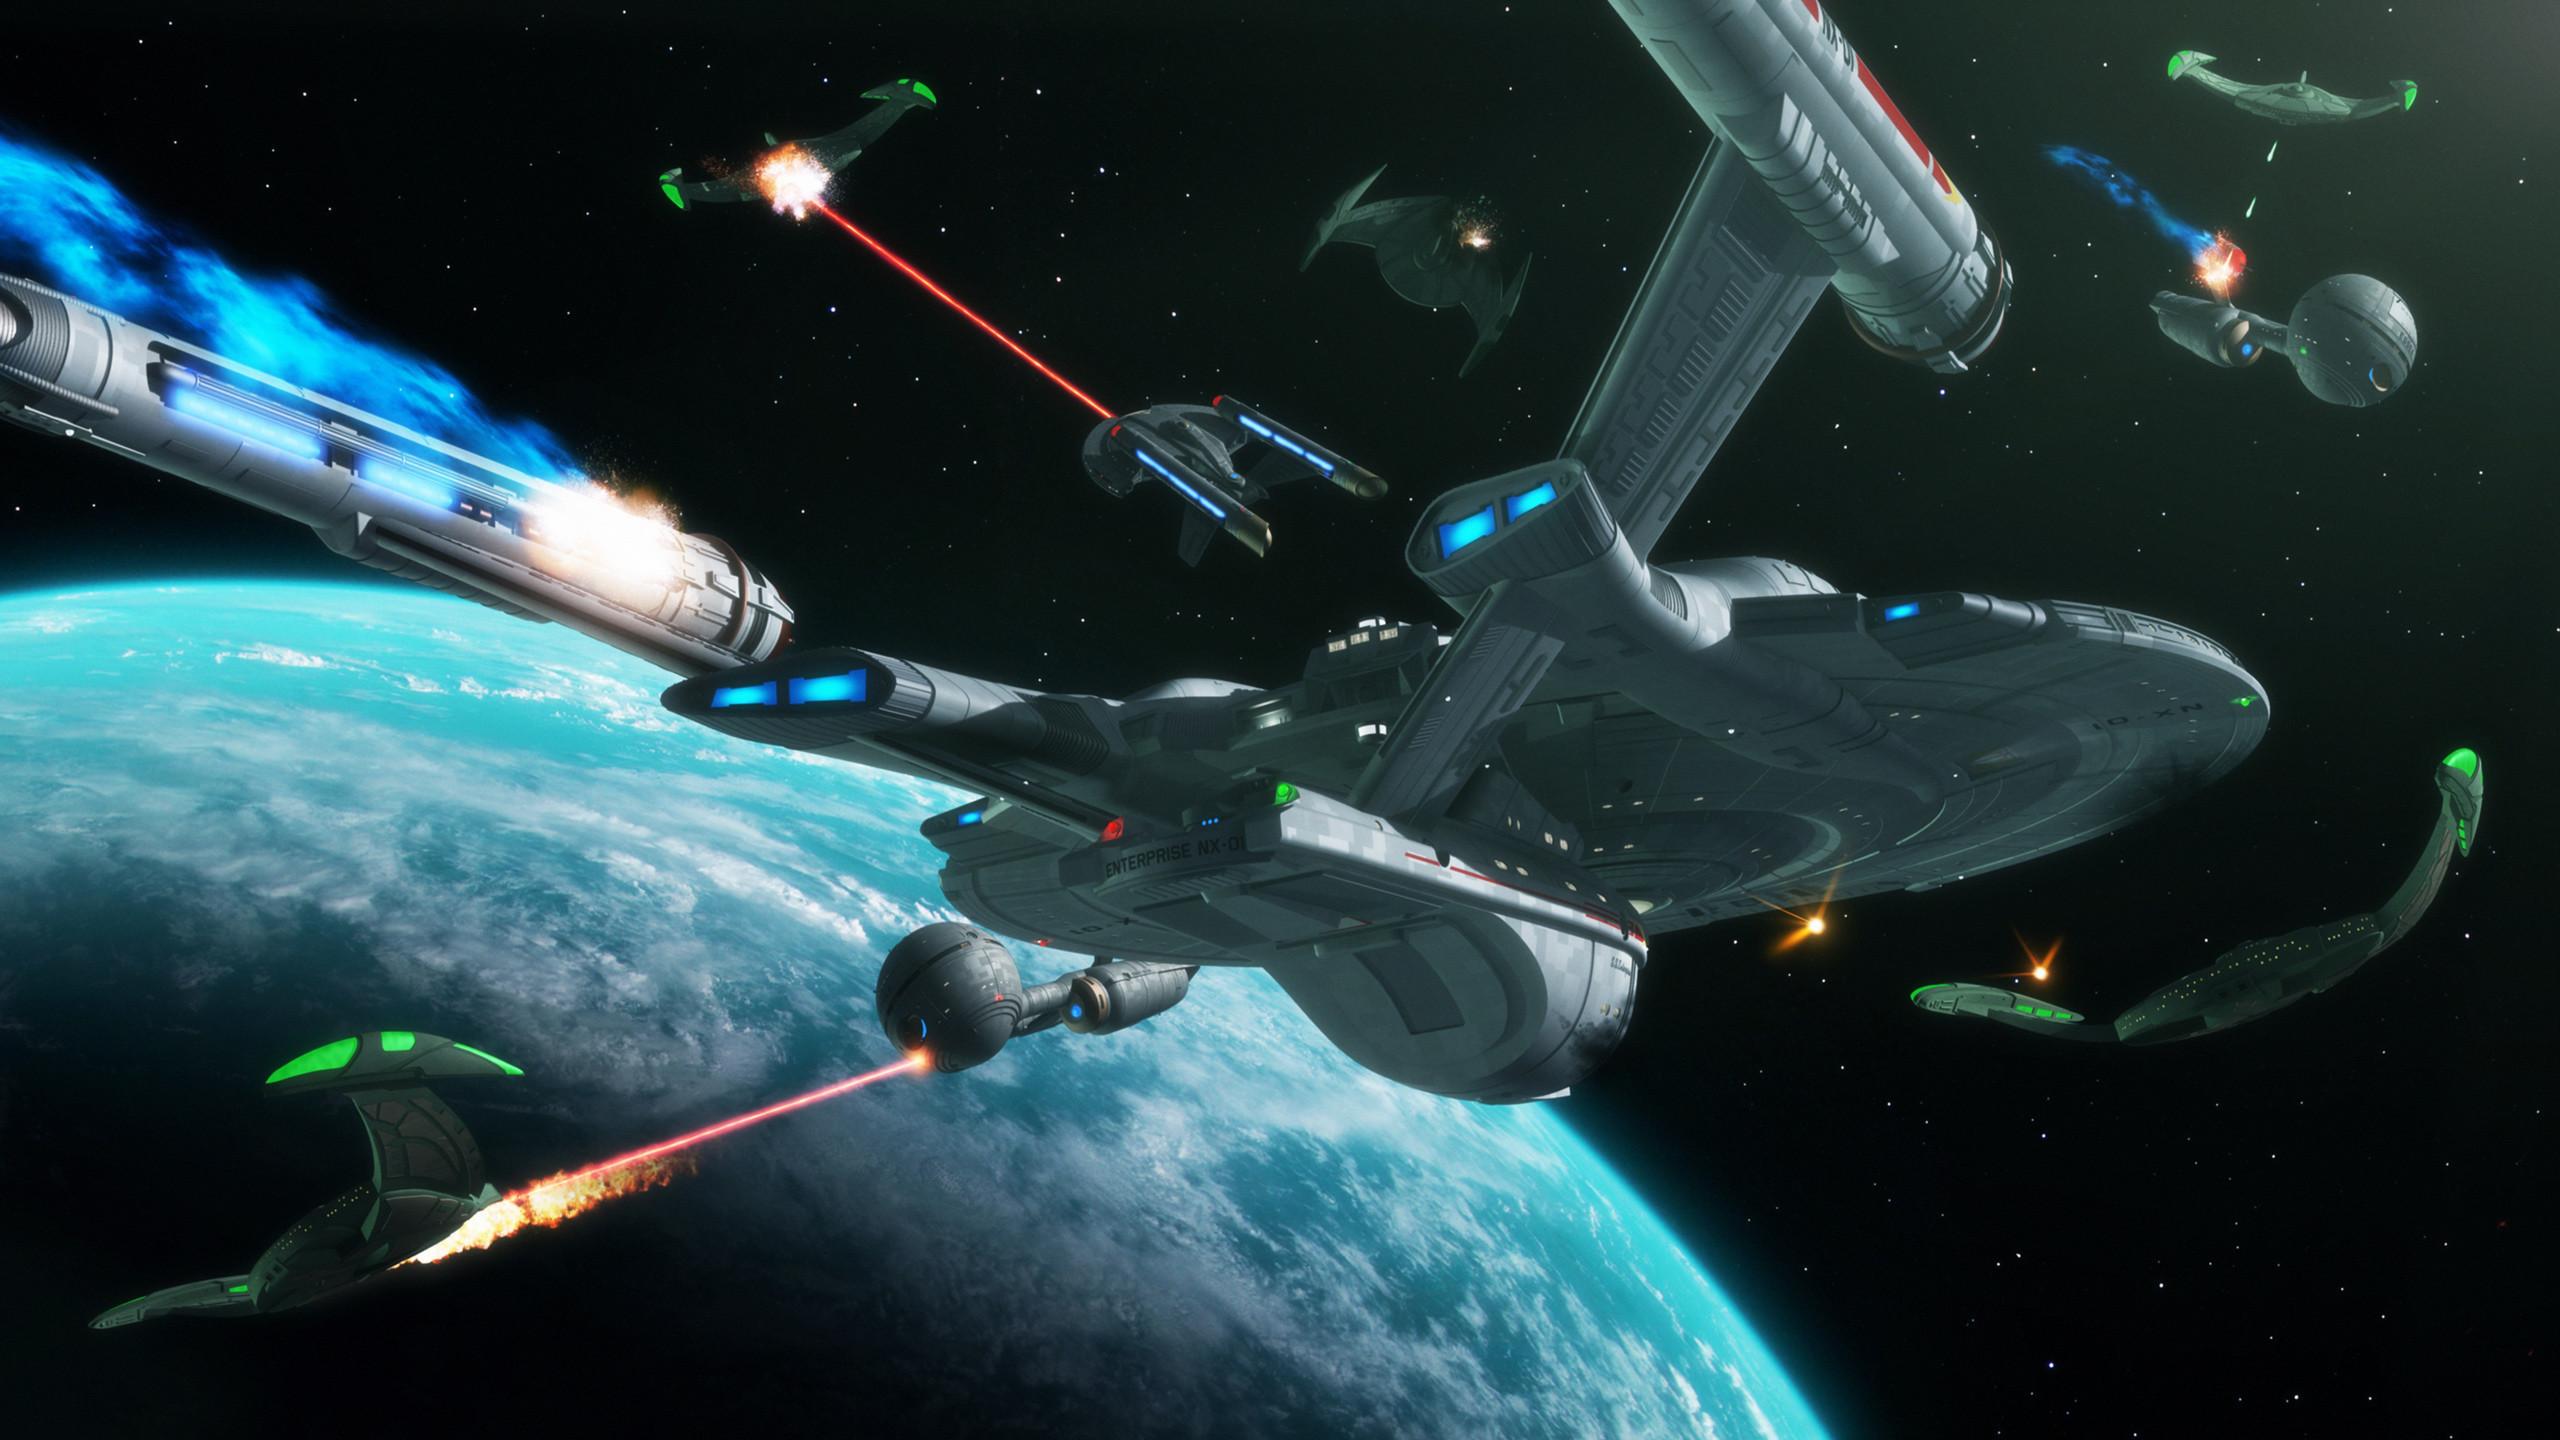 Star Trek Background Wallpaper (76+ images)